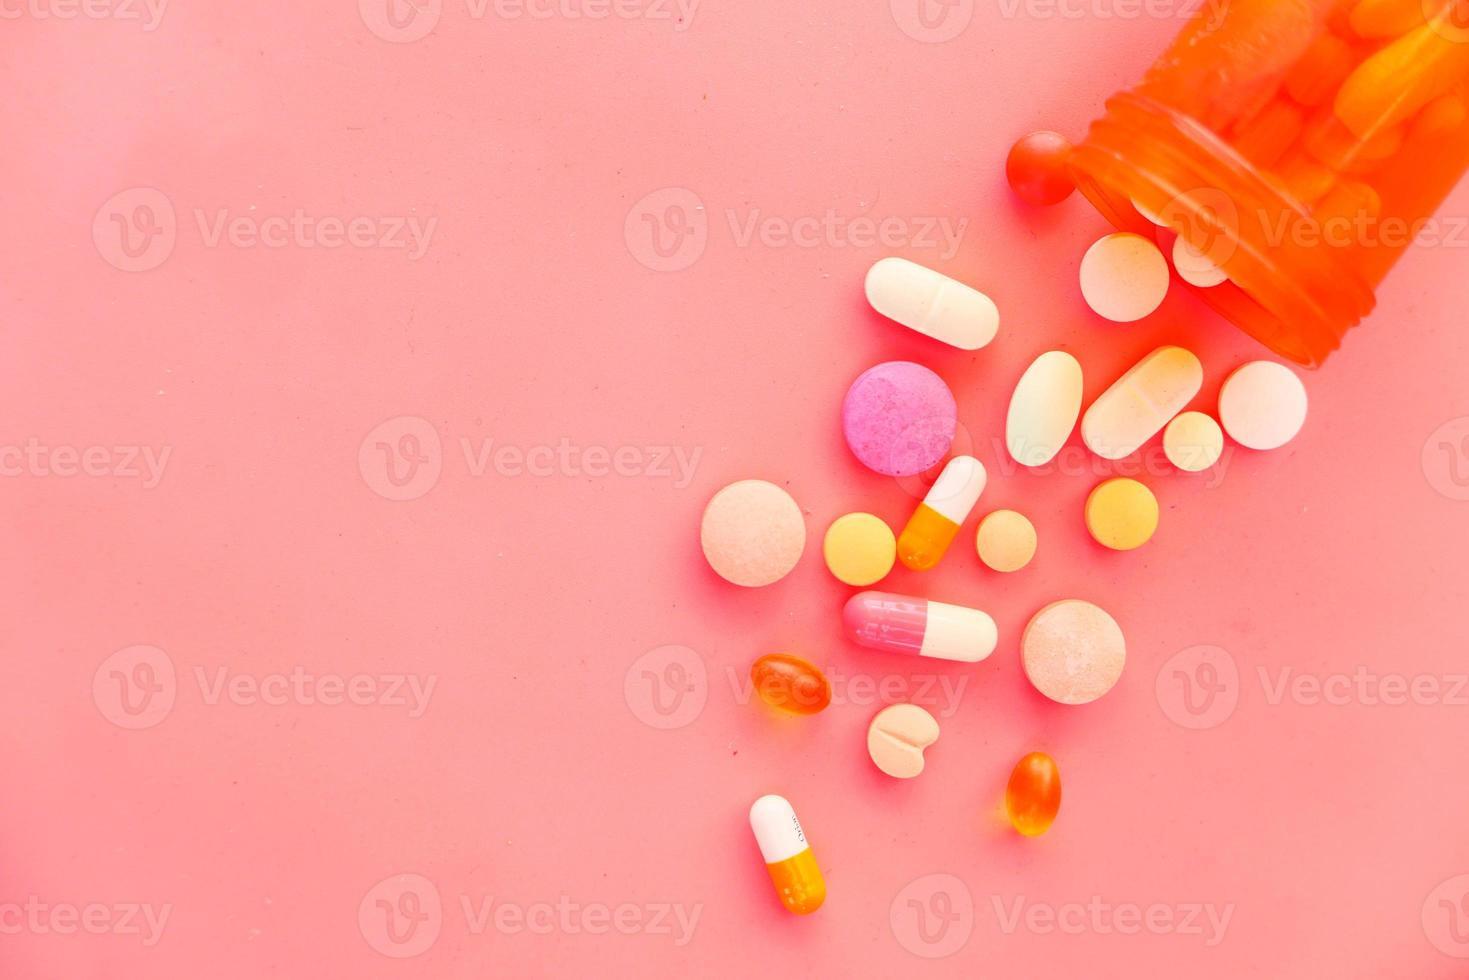 Pastillas de colores derramándose sobre fondo rosa foto